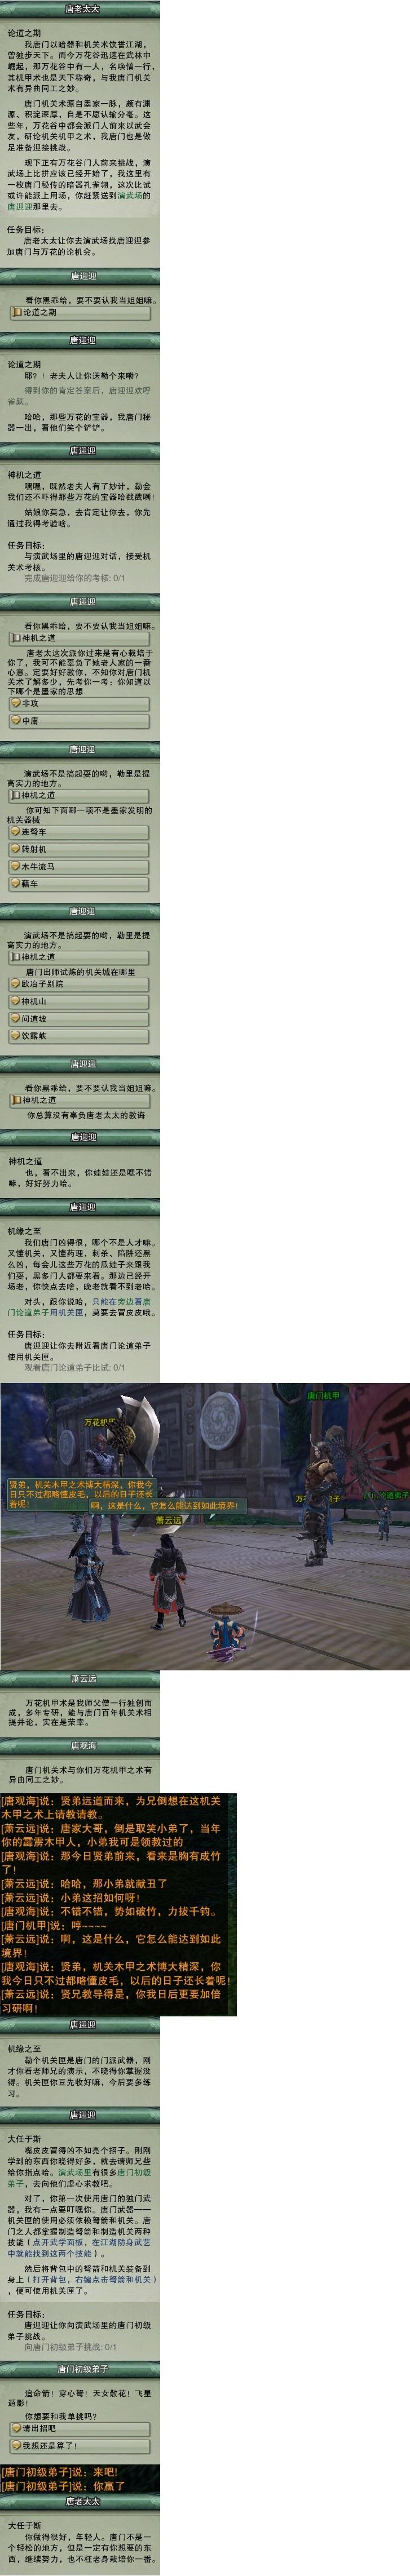 主线任务02 - 唐门万花论道.jpg